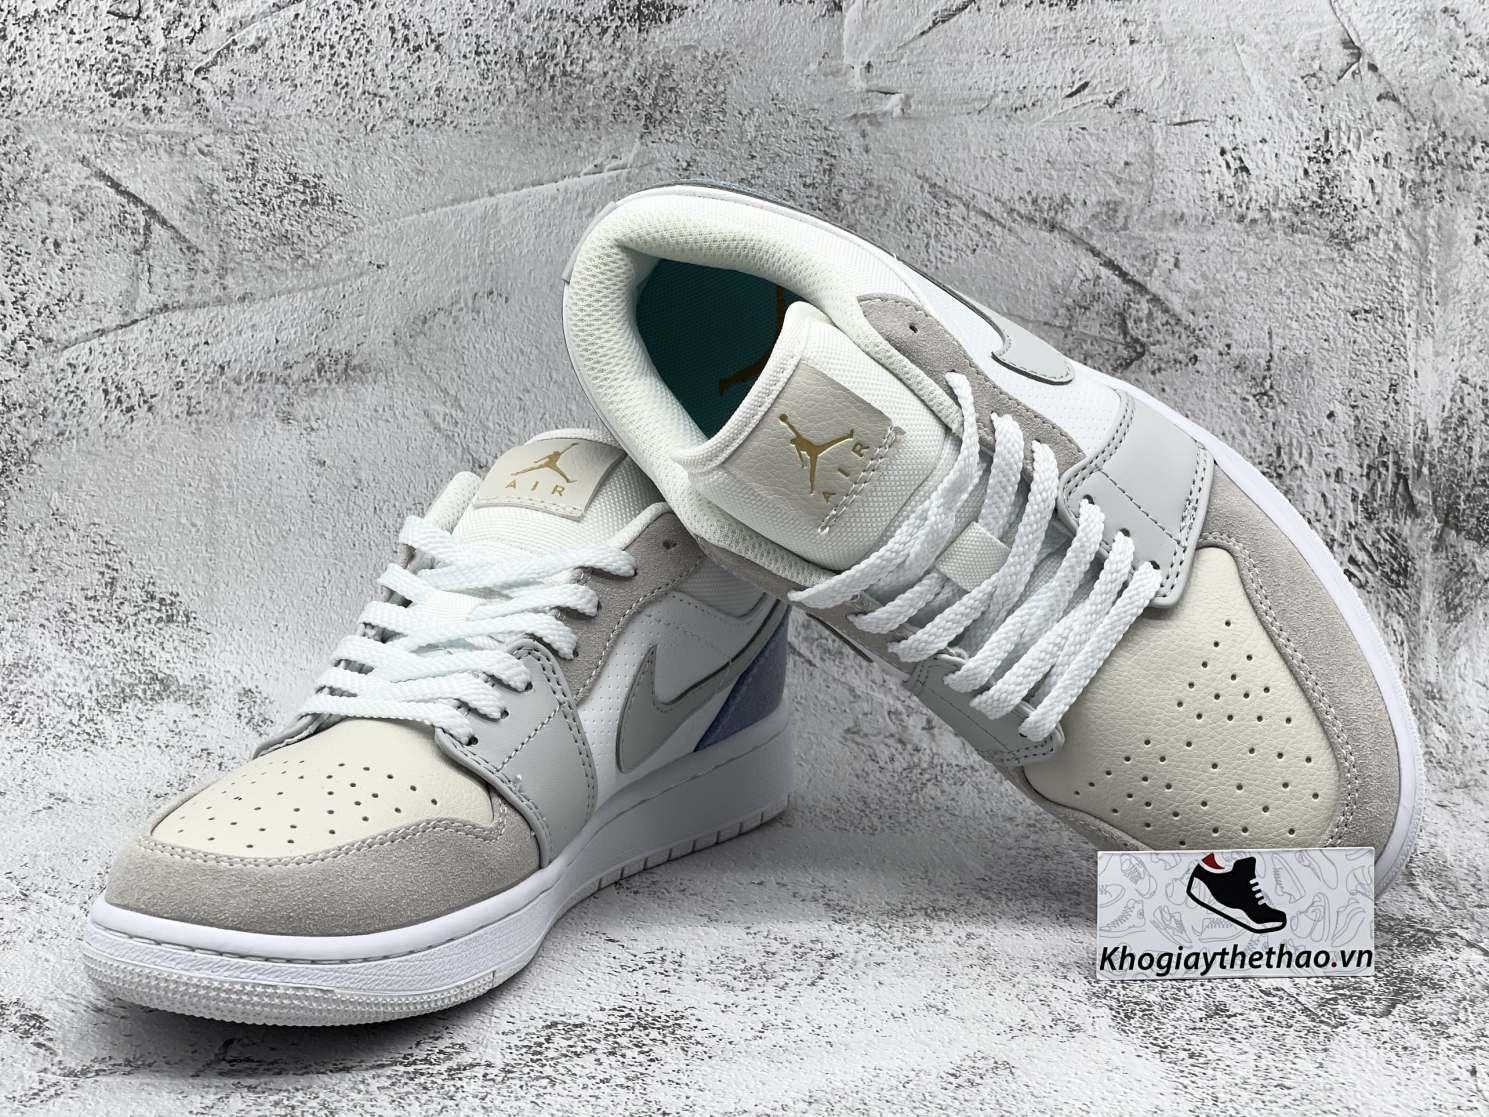 giày jordan 1 low paris rep 11